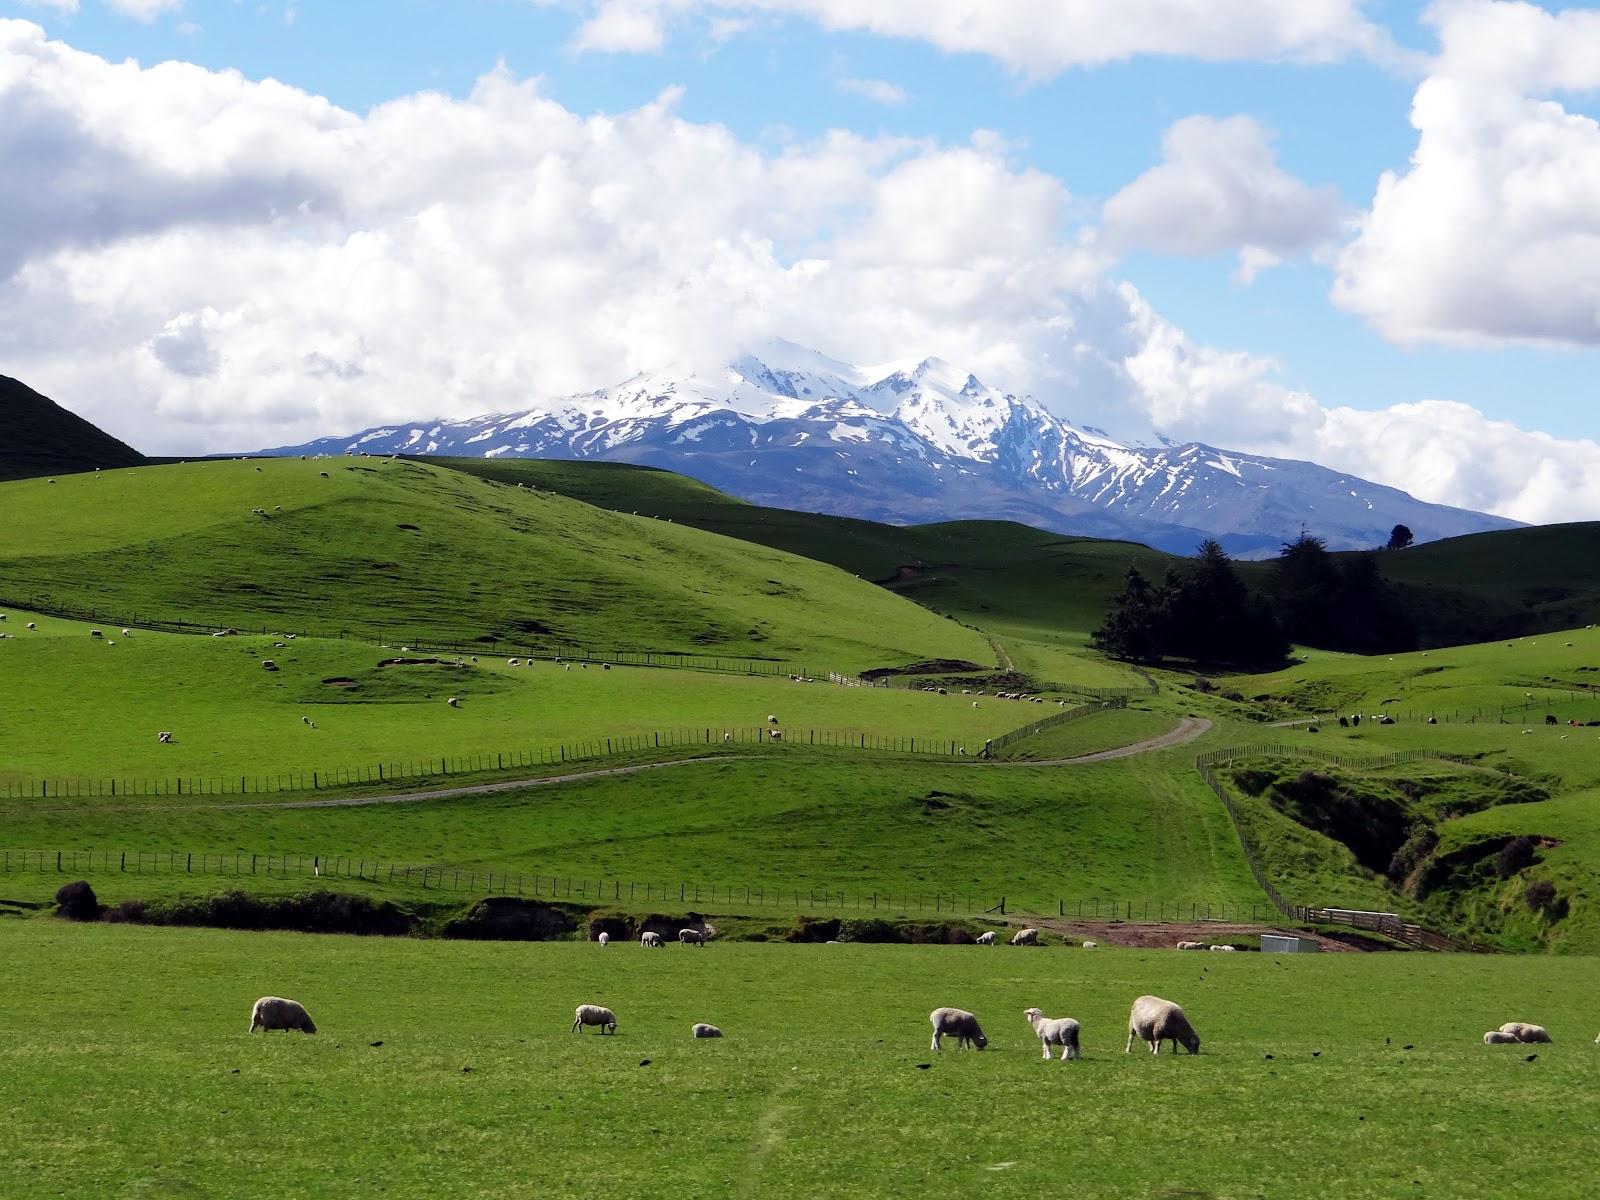 Zoznamka v meste Christchurch Nový Zéland